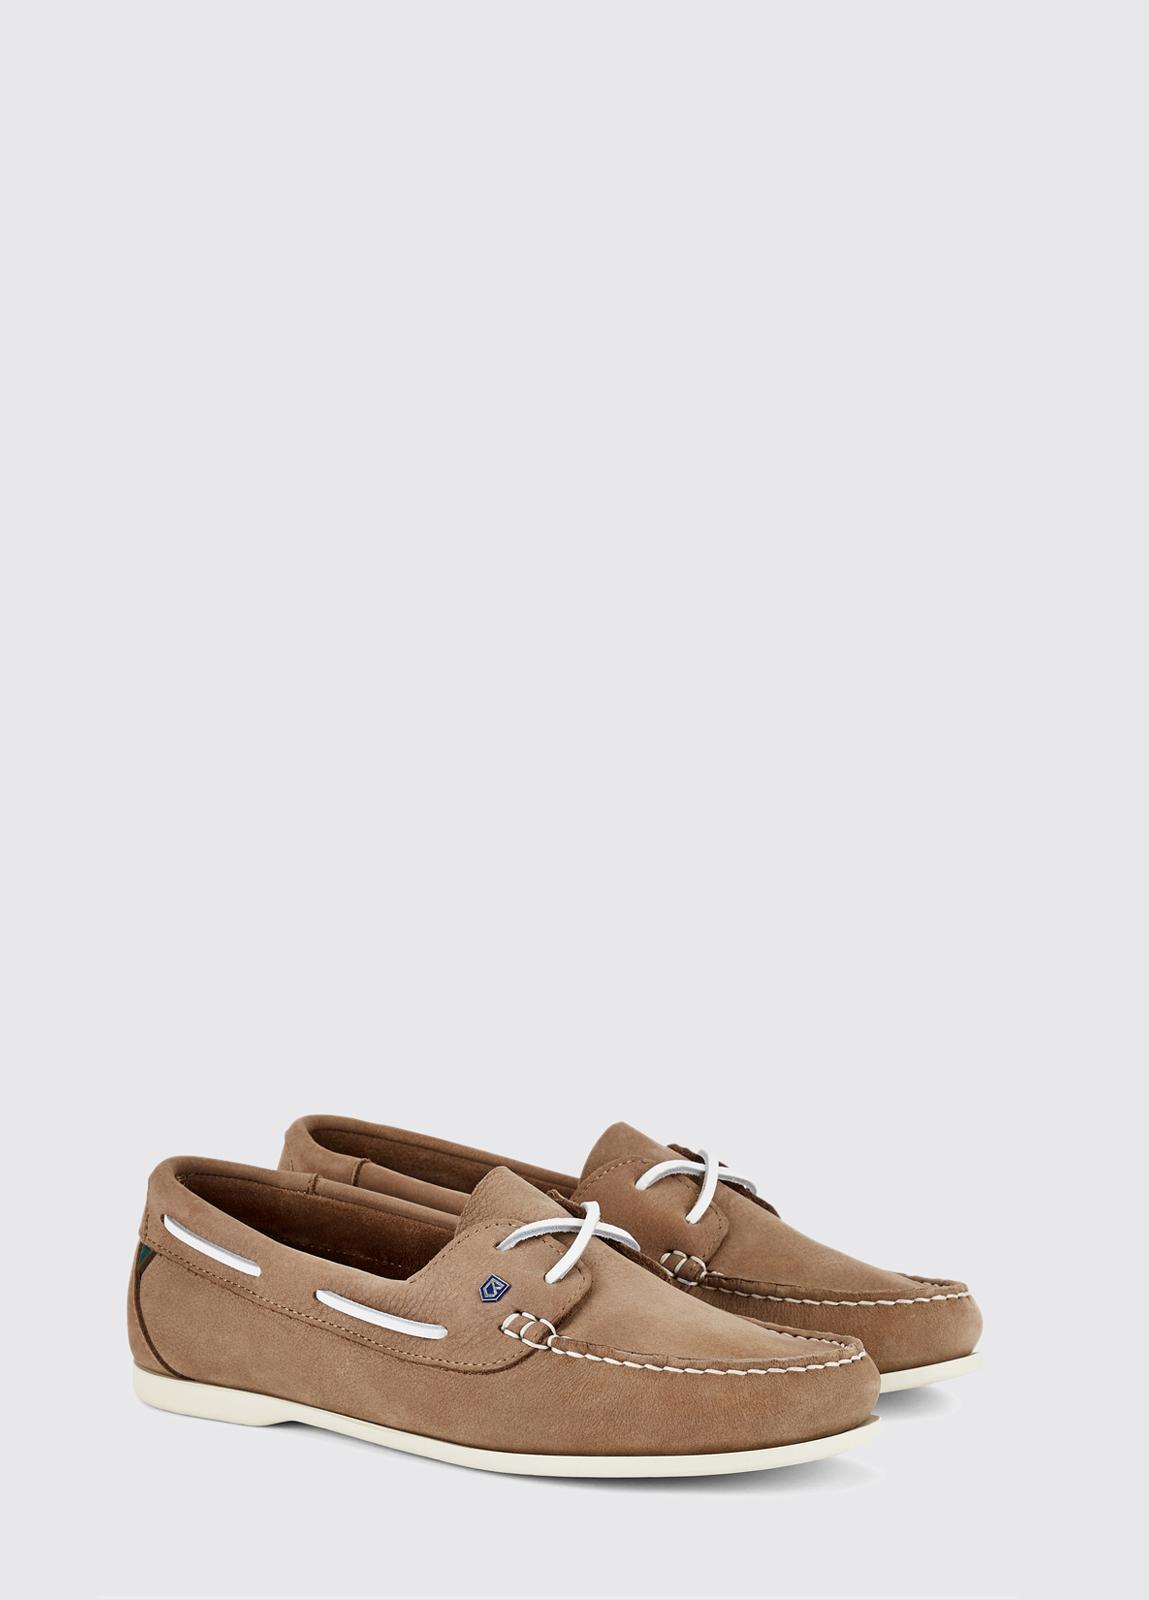 Aruba Deck Shoe - Taupe